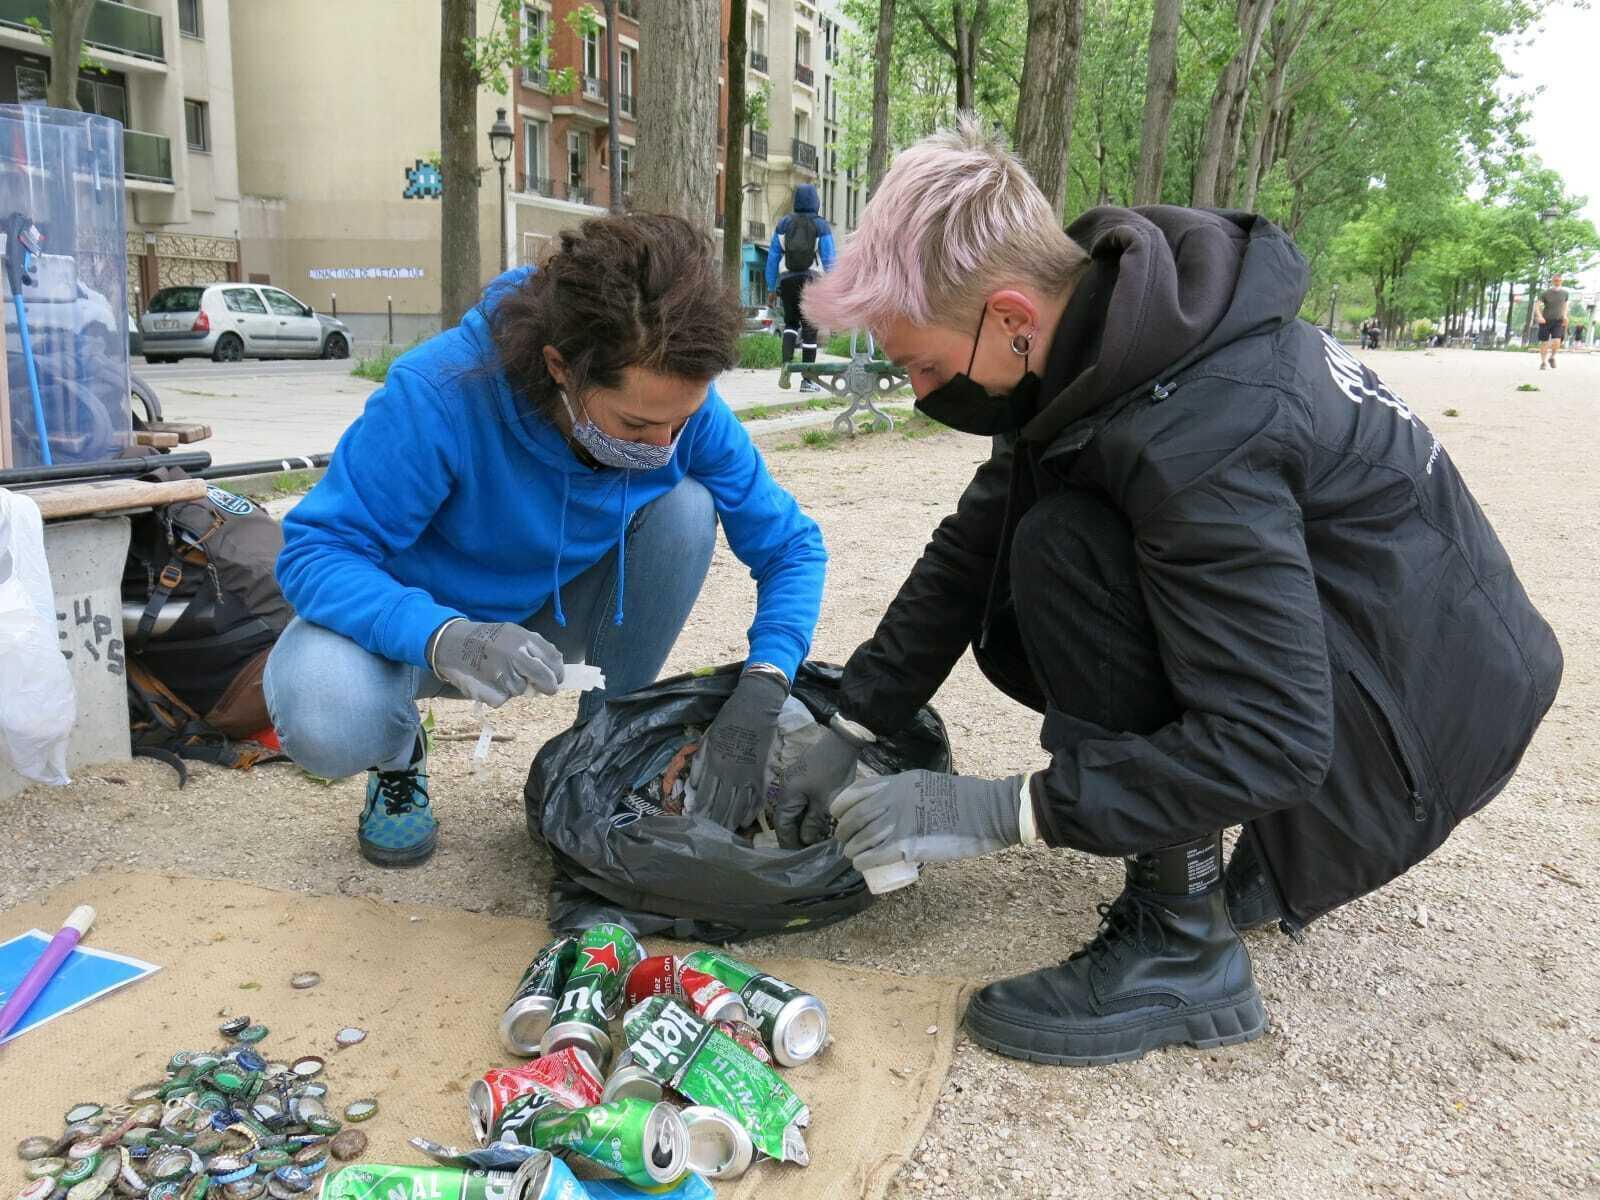 Les volontaires ont trié les déchets collectés pour pouvoir les recycler.